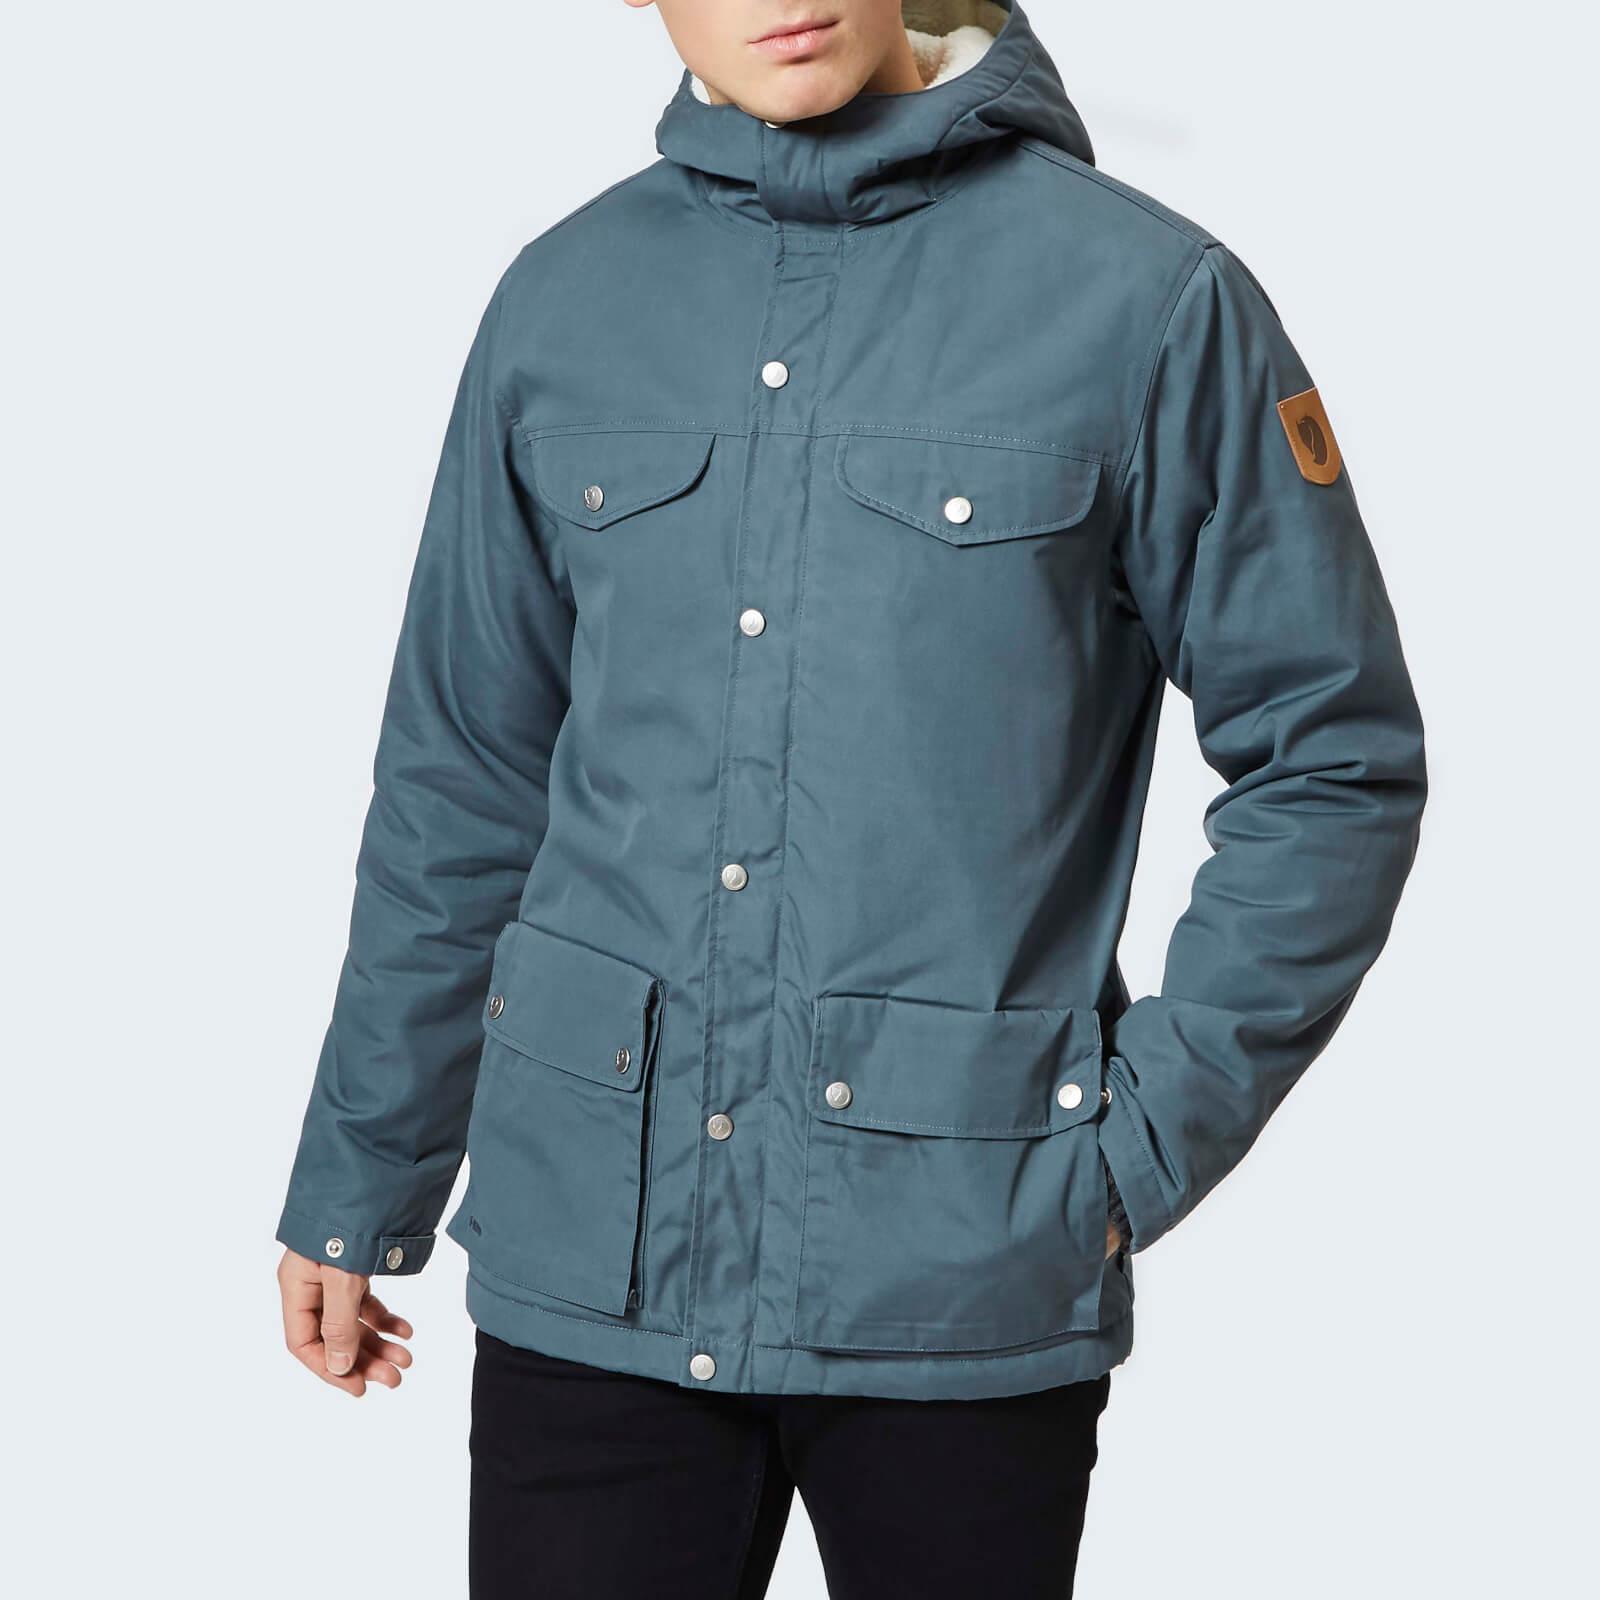 gorąca sprzedaż online zaoszczędź do 80% popularna marka Fjallraven Men's Greenland Winter Jacket - Grey